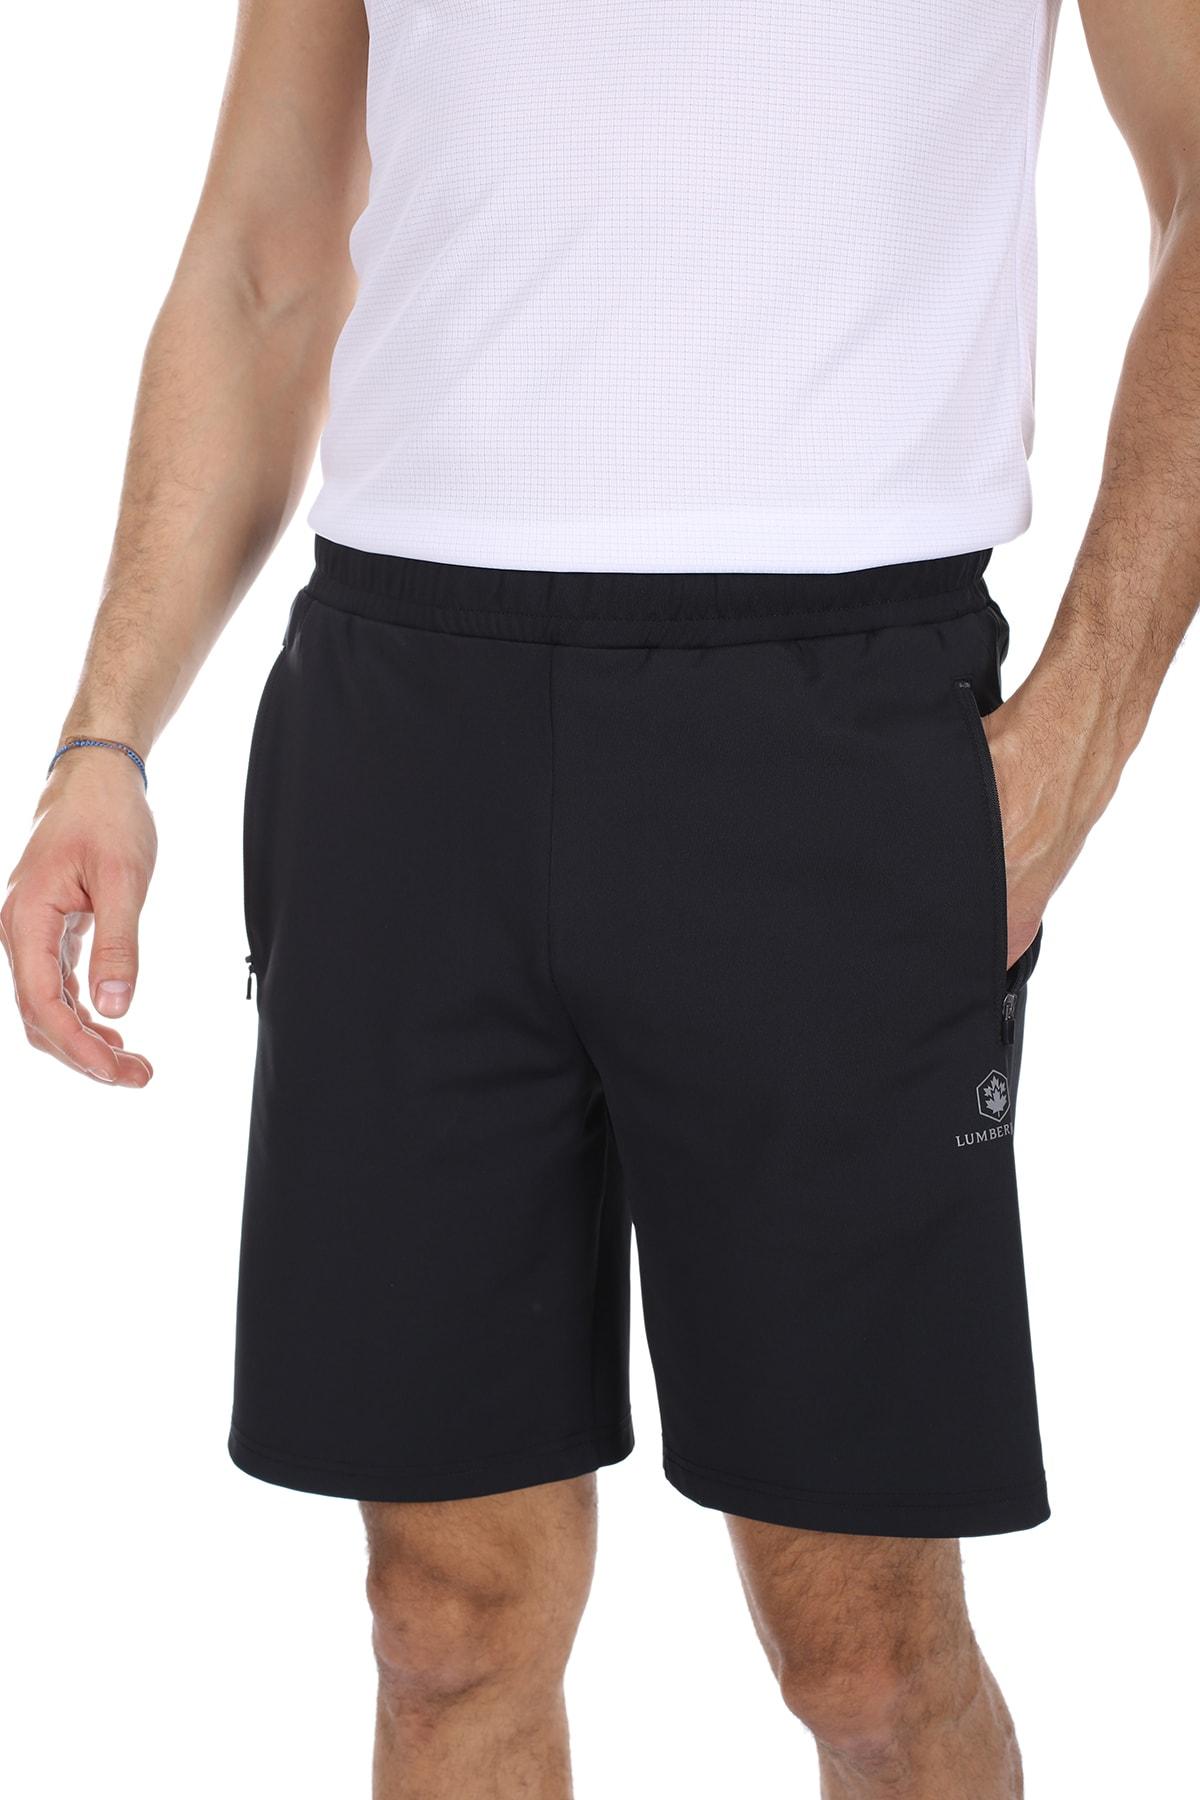 lumberjack Erkek Siyah Slim Fit Basiıc Pes Short Siyah/black 11s40pesshort 1